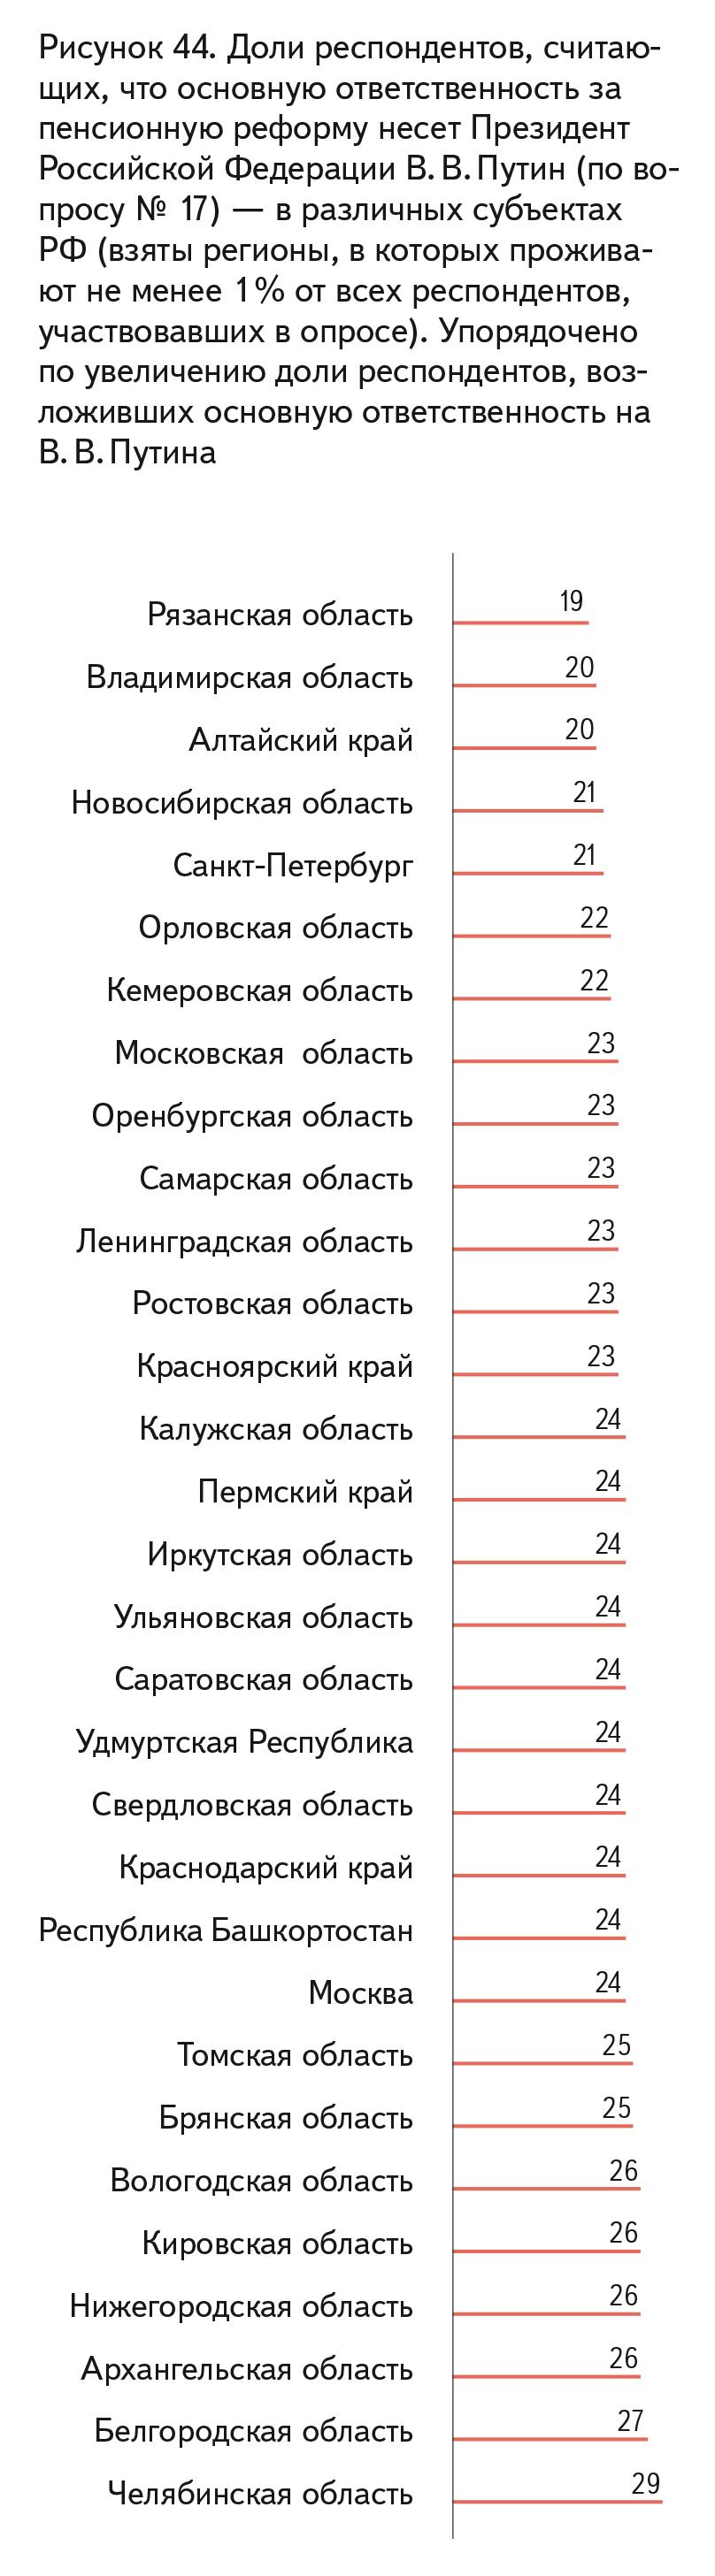 20190823_18-49-АКСИО-8. Отпадение народа от государства-pic49